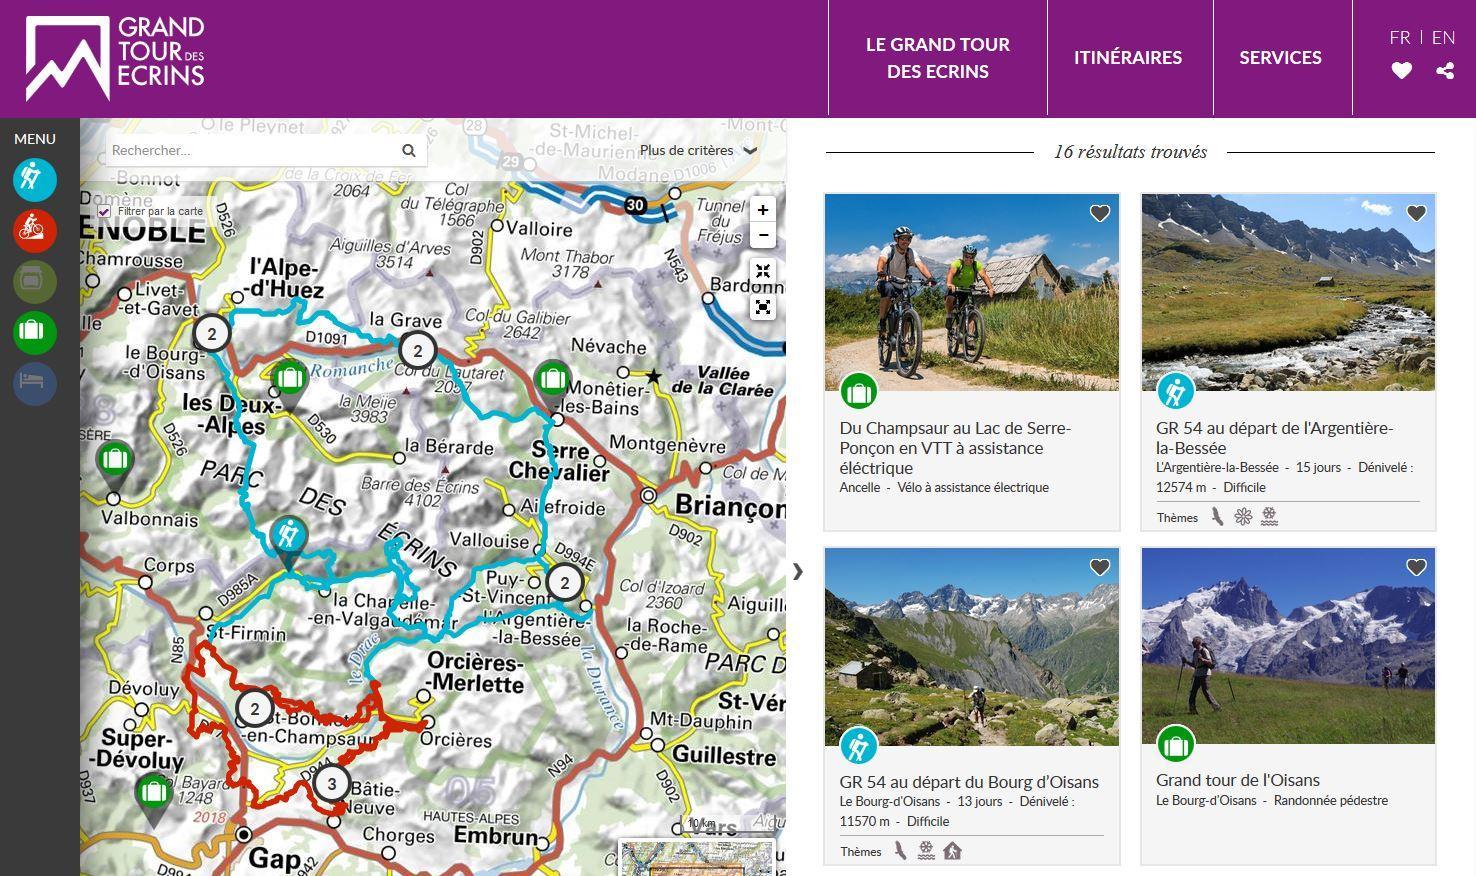 site du Grand tour des Ecrins -http://www.grand-tour-ecrins.fr